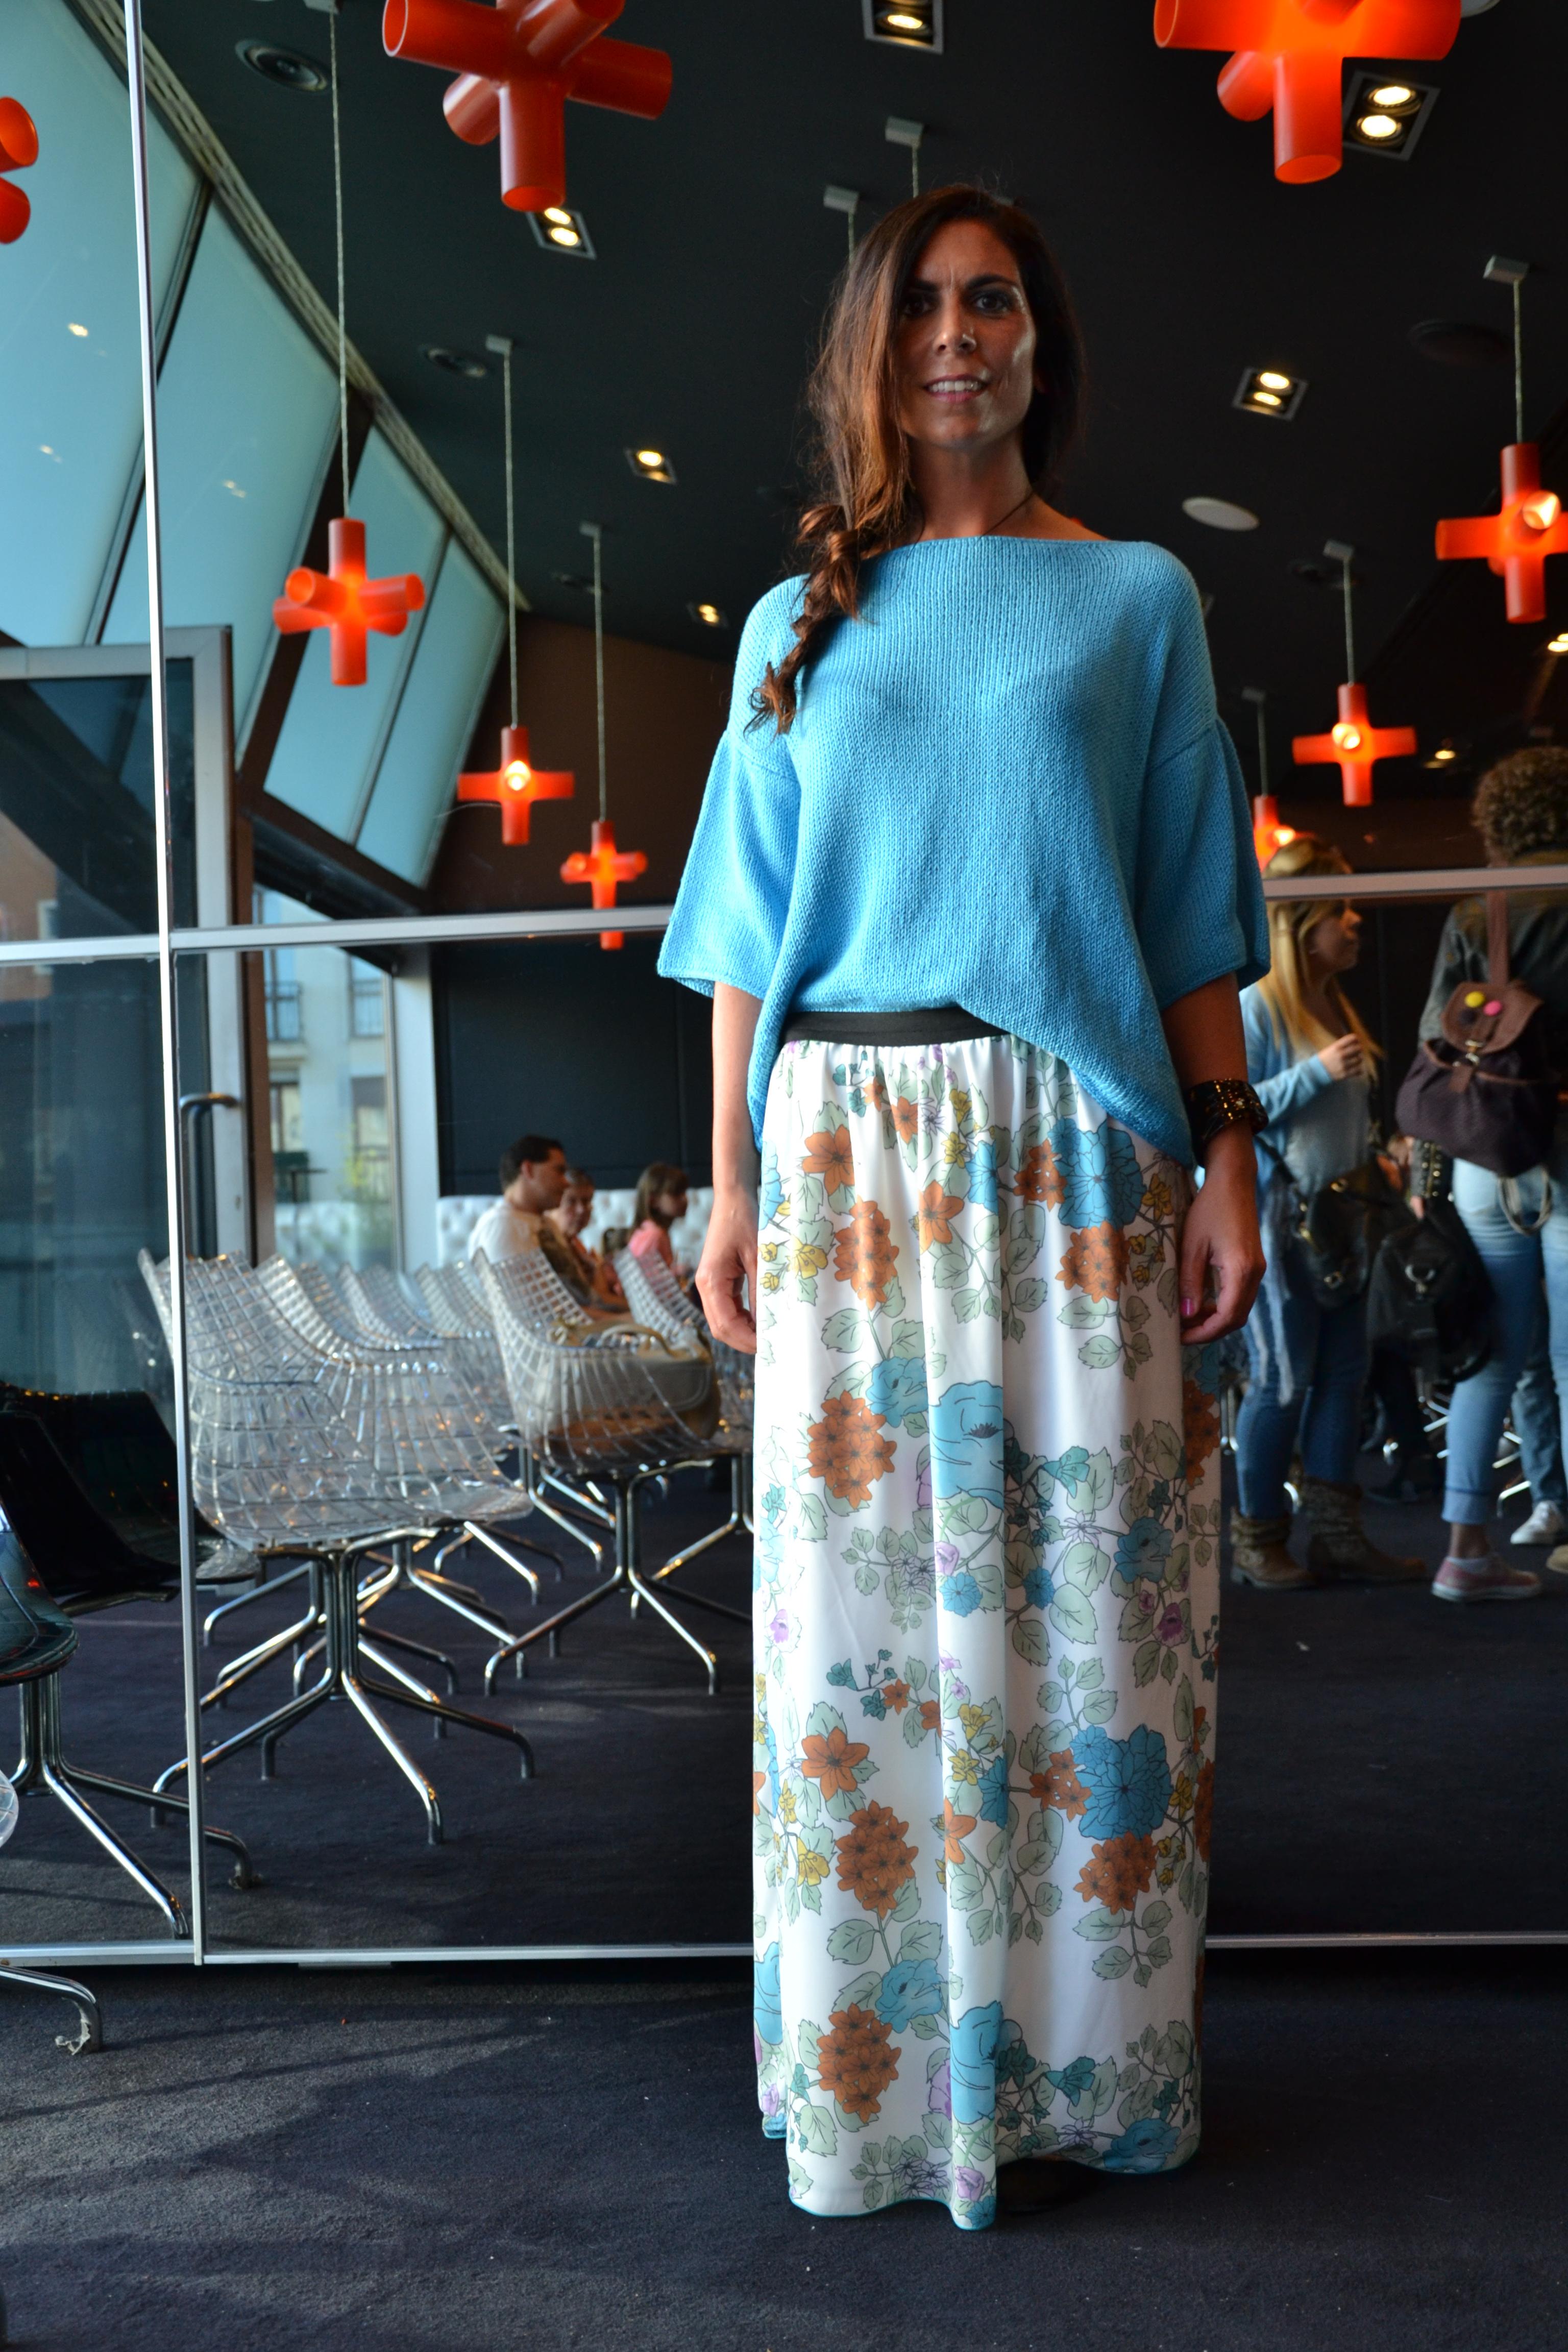 III Concurso de Bloggers de Moda: MEGACALZADO «It's not